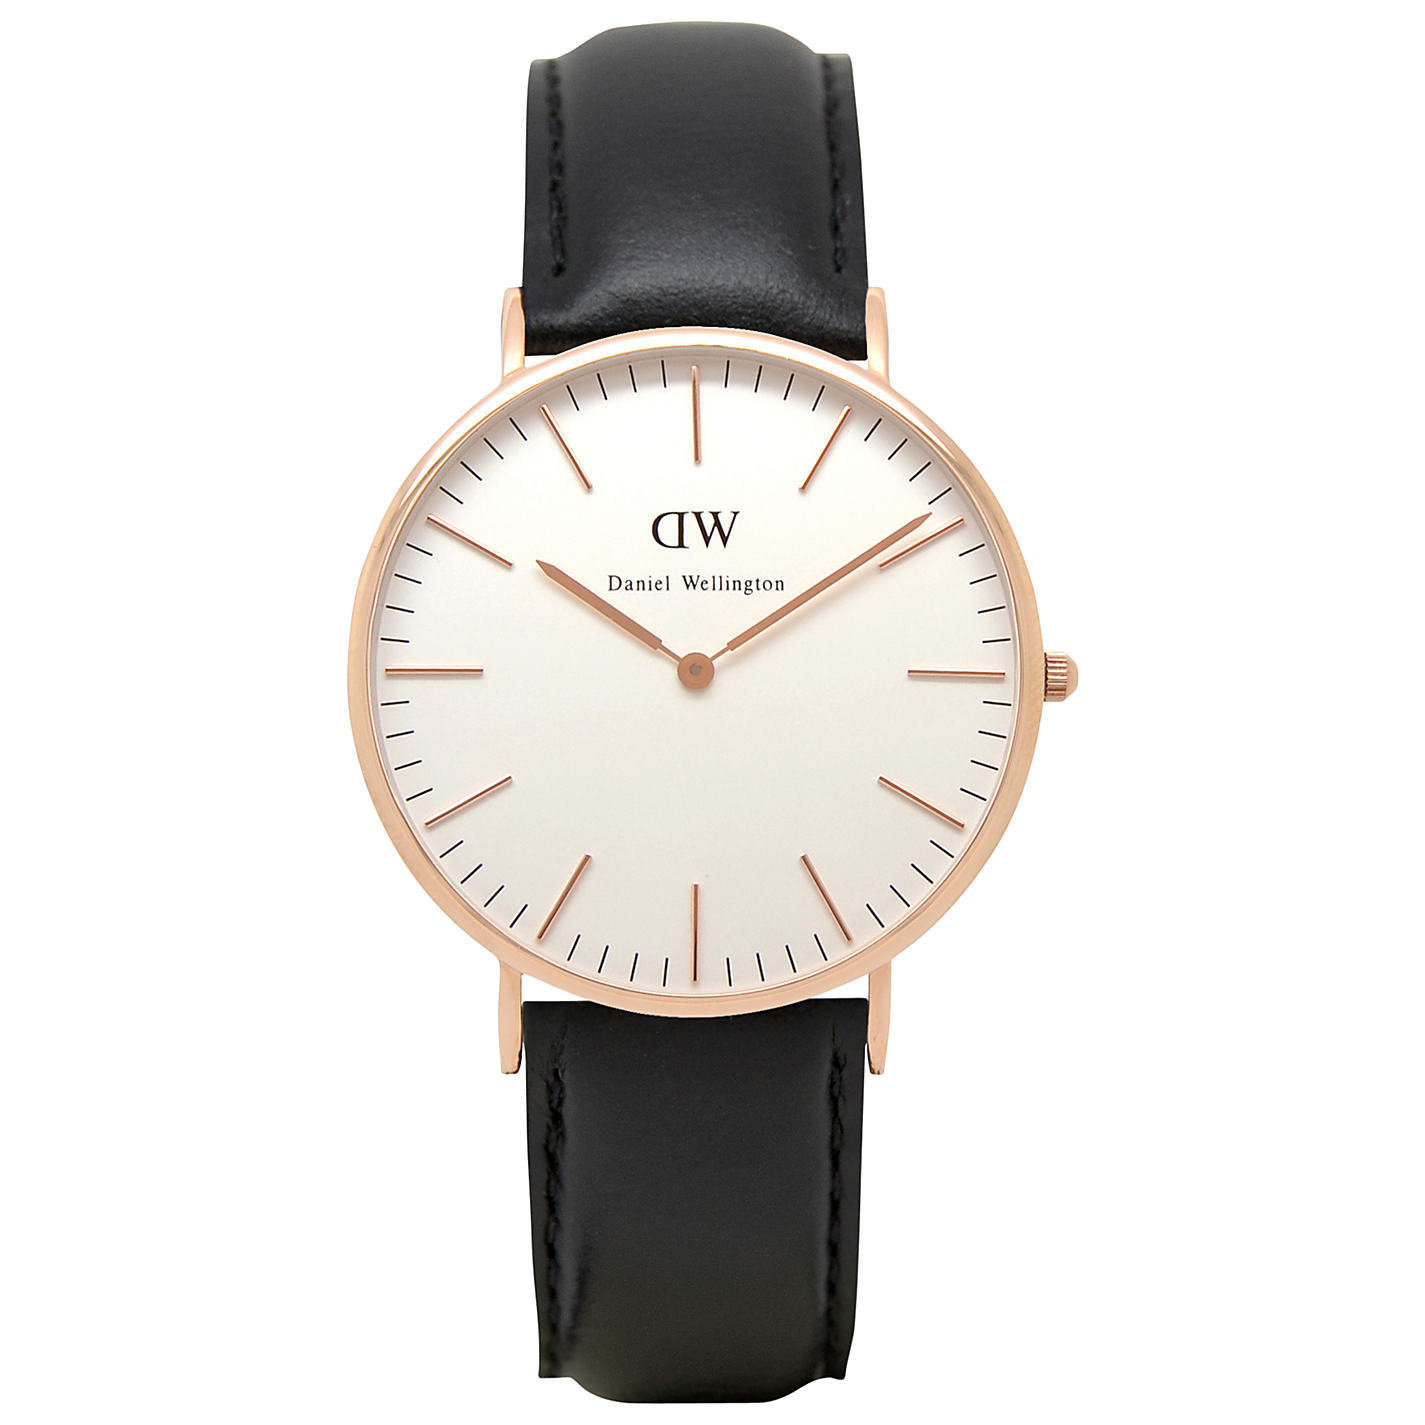 Reloj hombre Daniel Wellington Sheffield Rose 0107DW Black Leather 40mm Men's Watch correa cuero